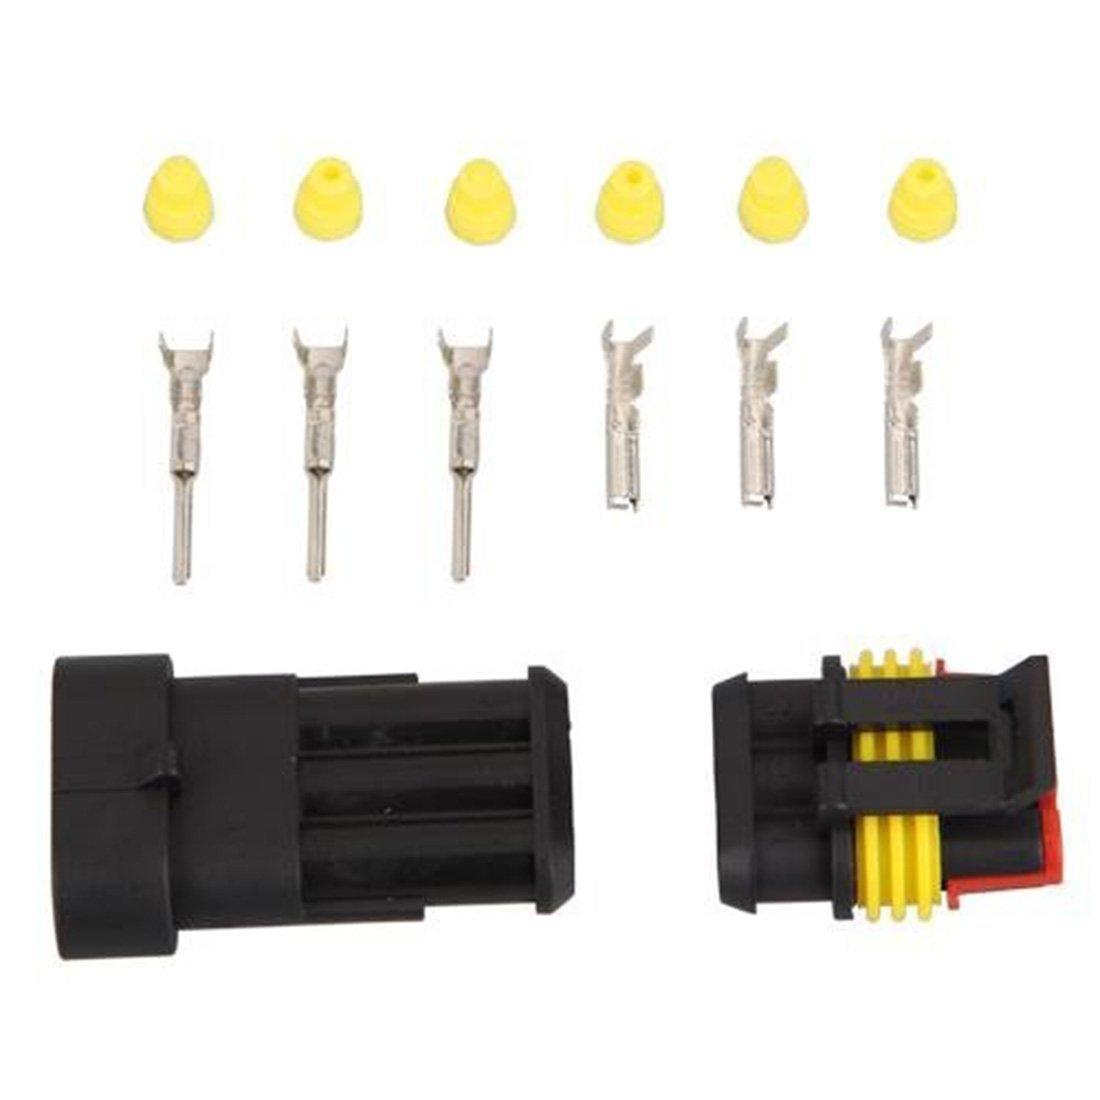 Car 1/Kit 3/pin Way /étanche Fil Fiche de connecteur m/âle et femelle de Kits de durable Auto /électrique